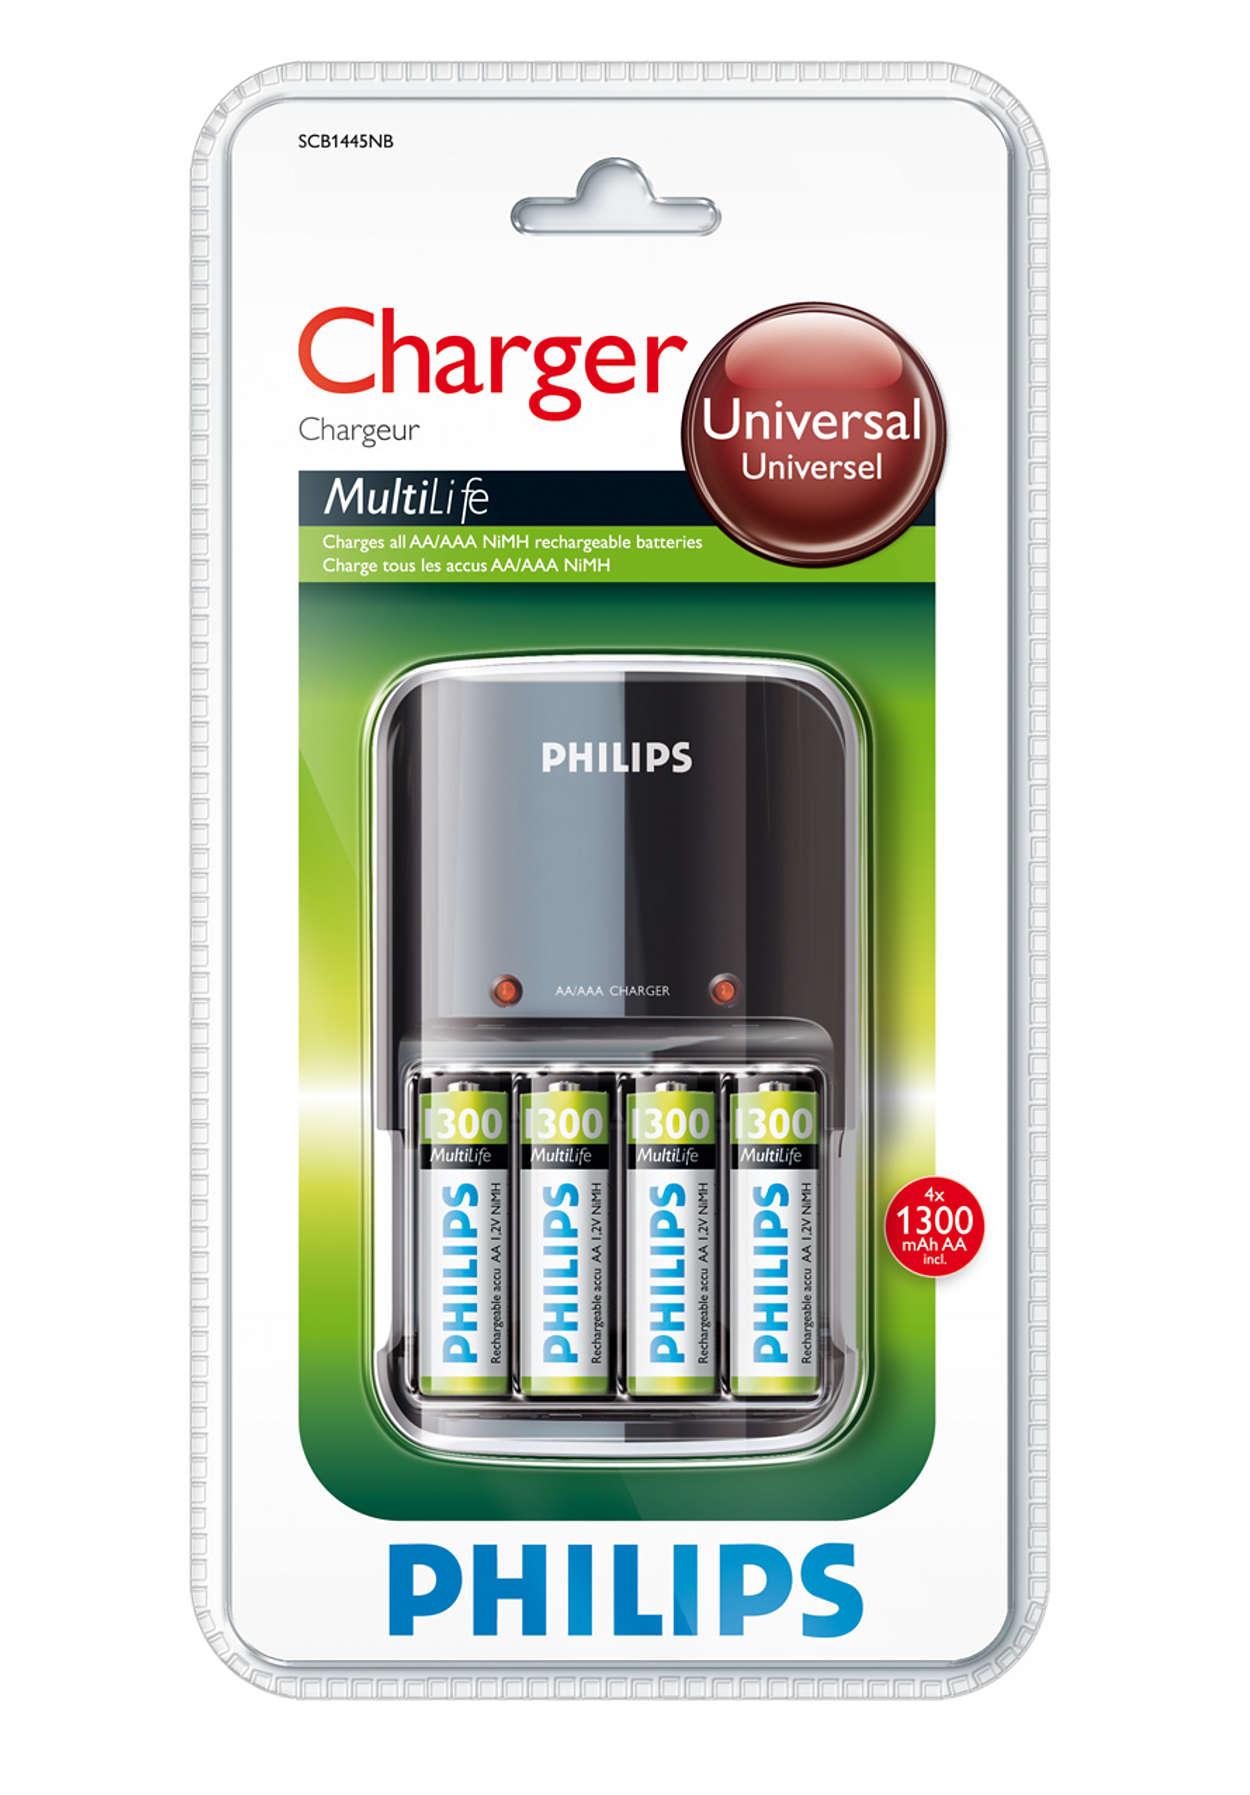 Visiškai įkrauna baterijas per naktį